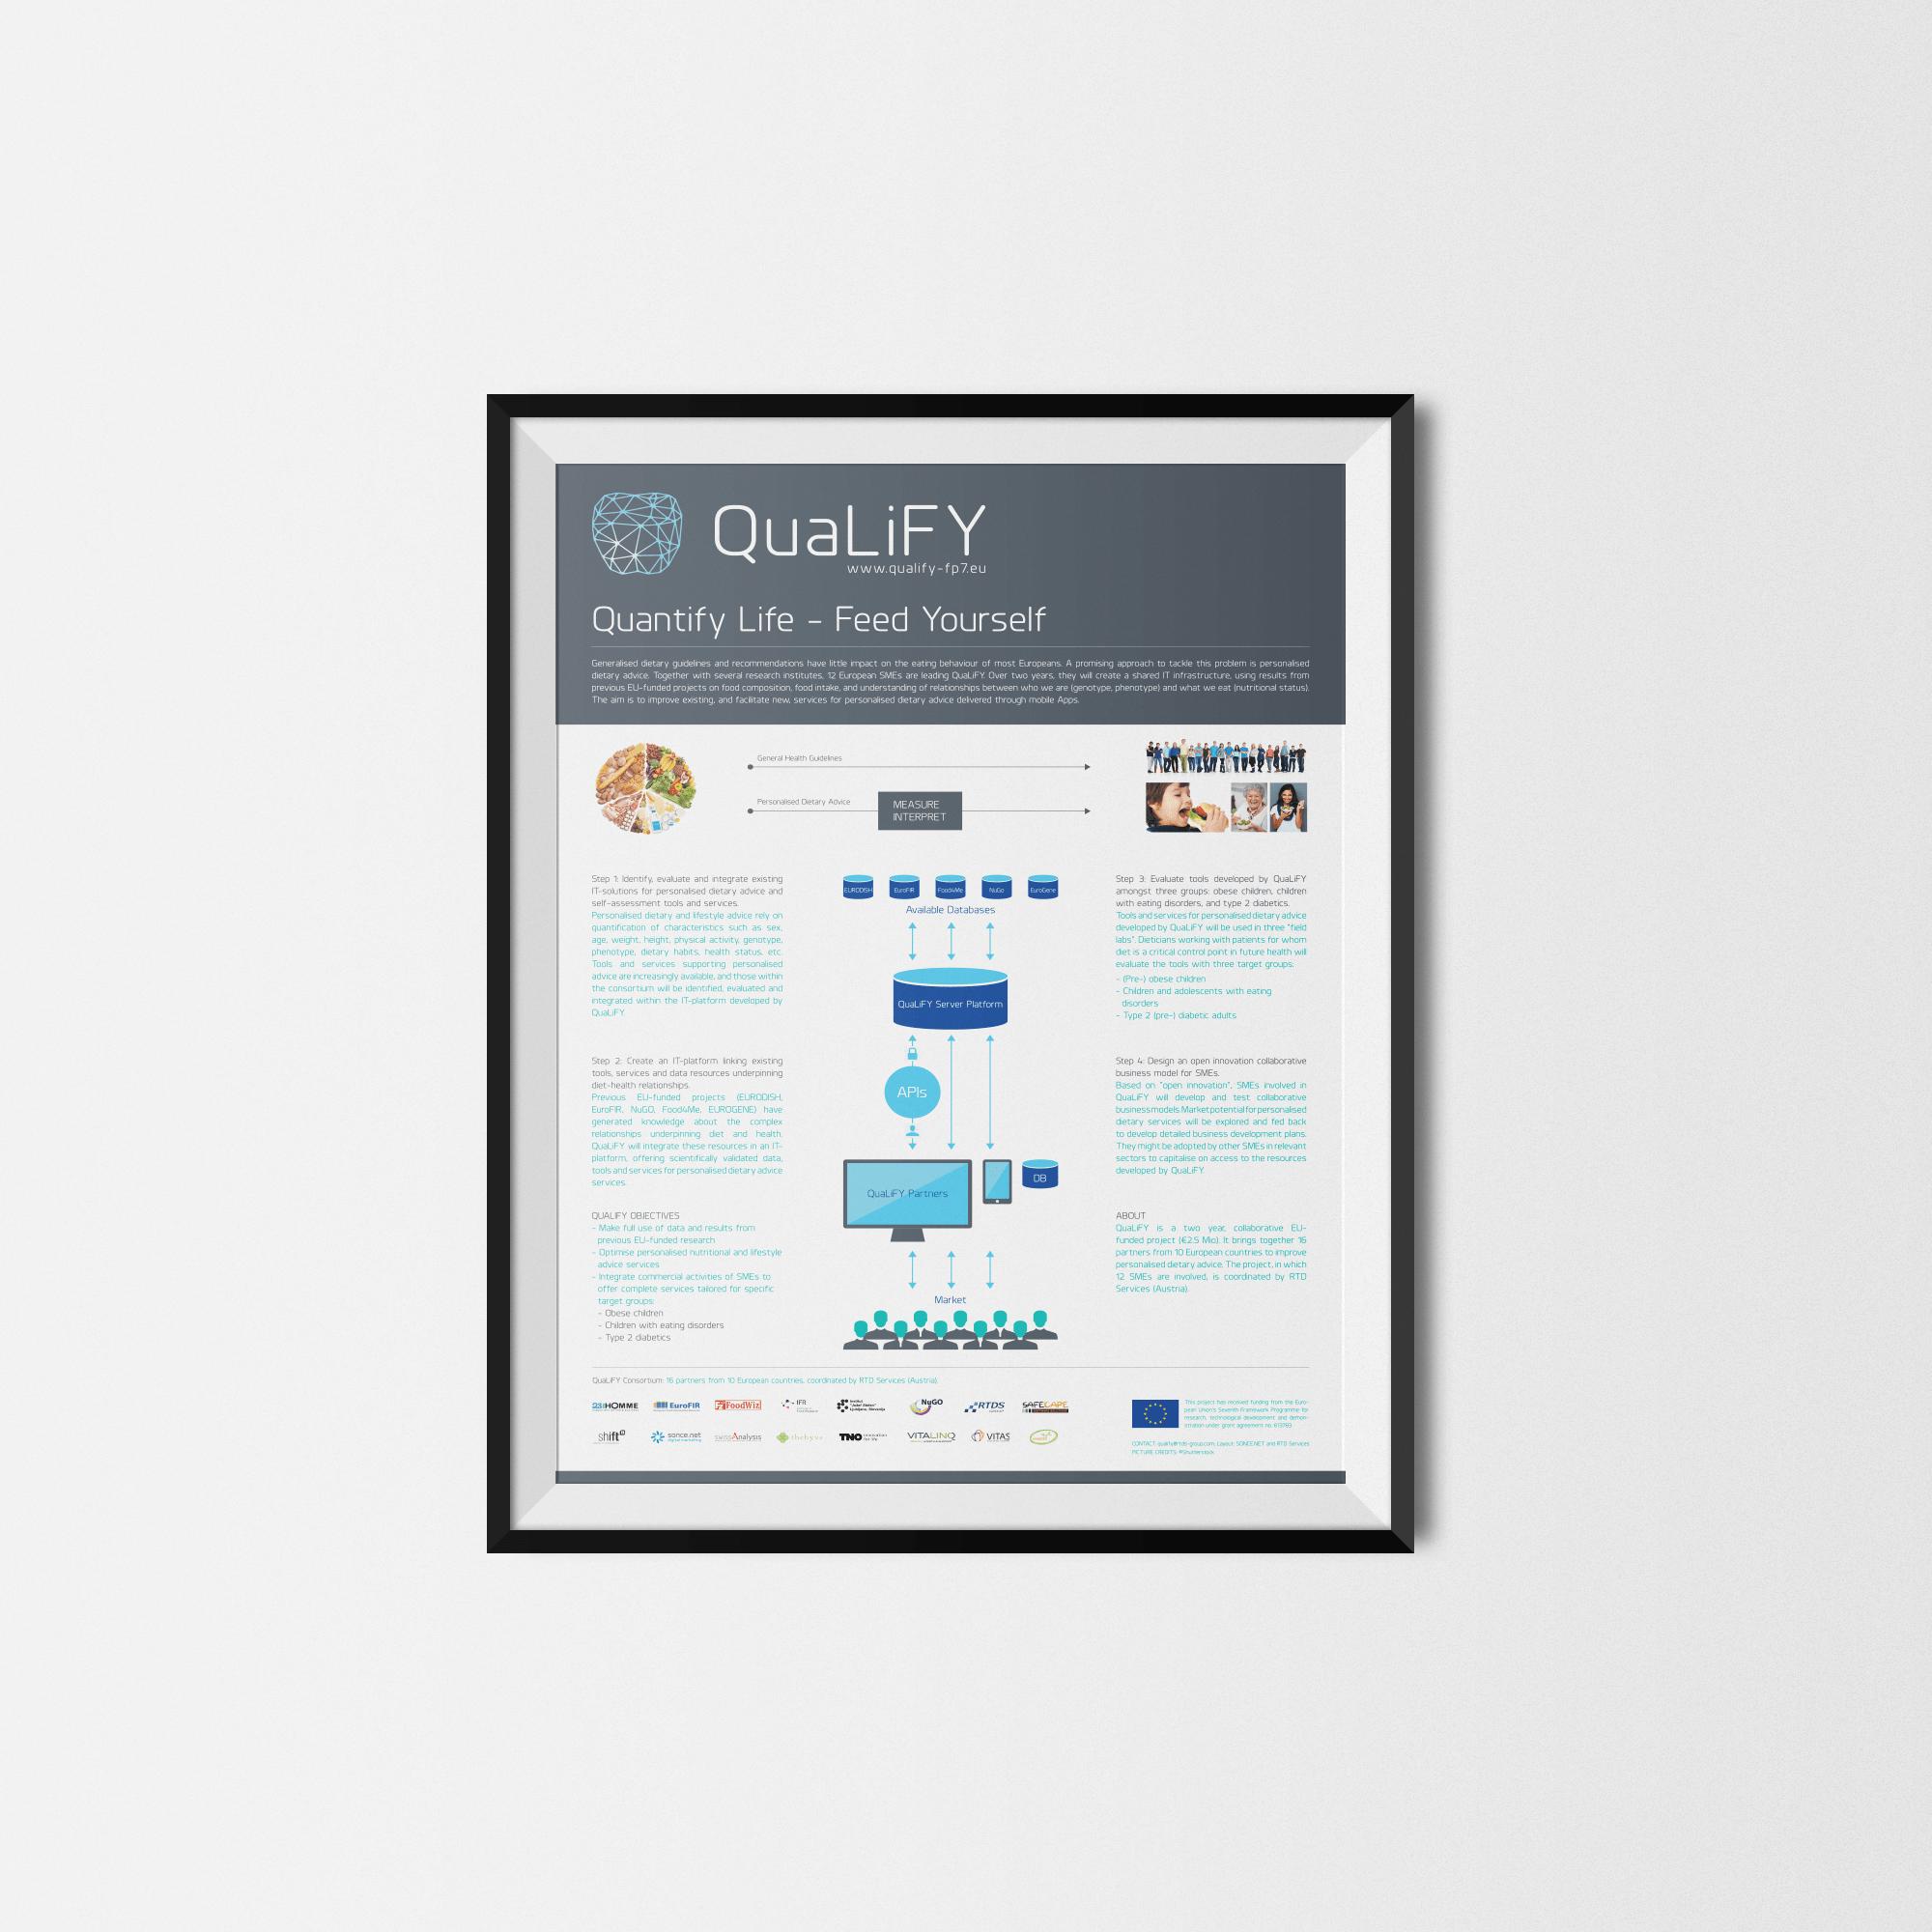 Tisk plakatov - veliki format